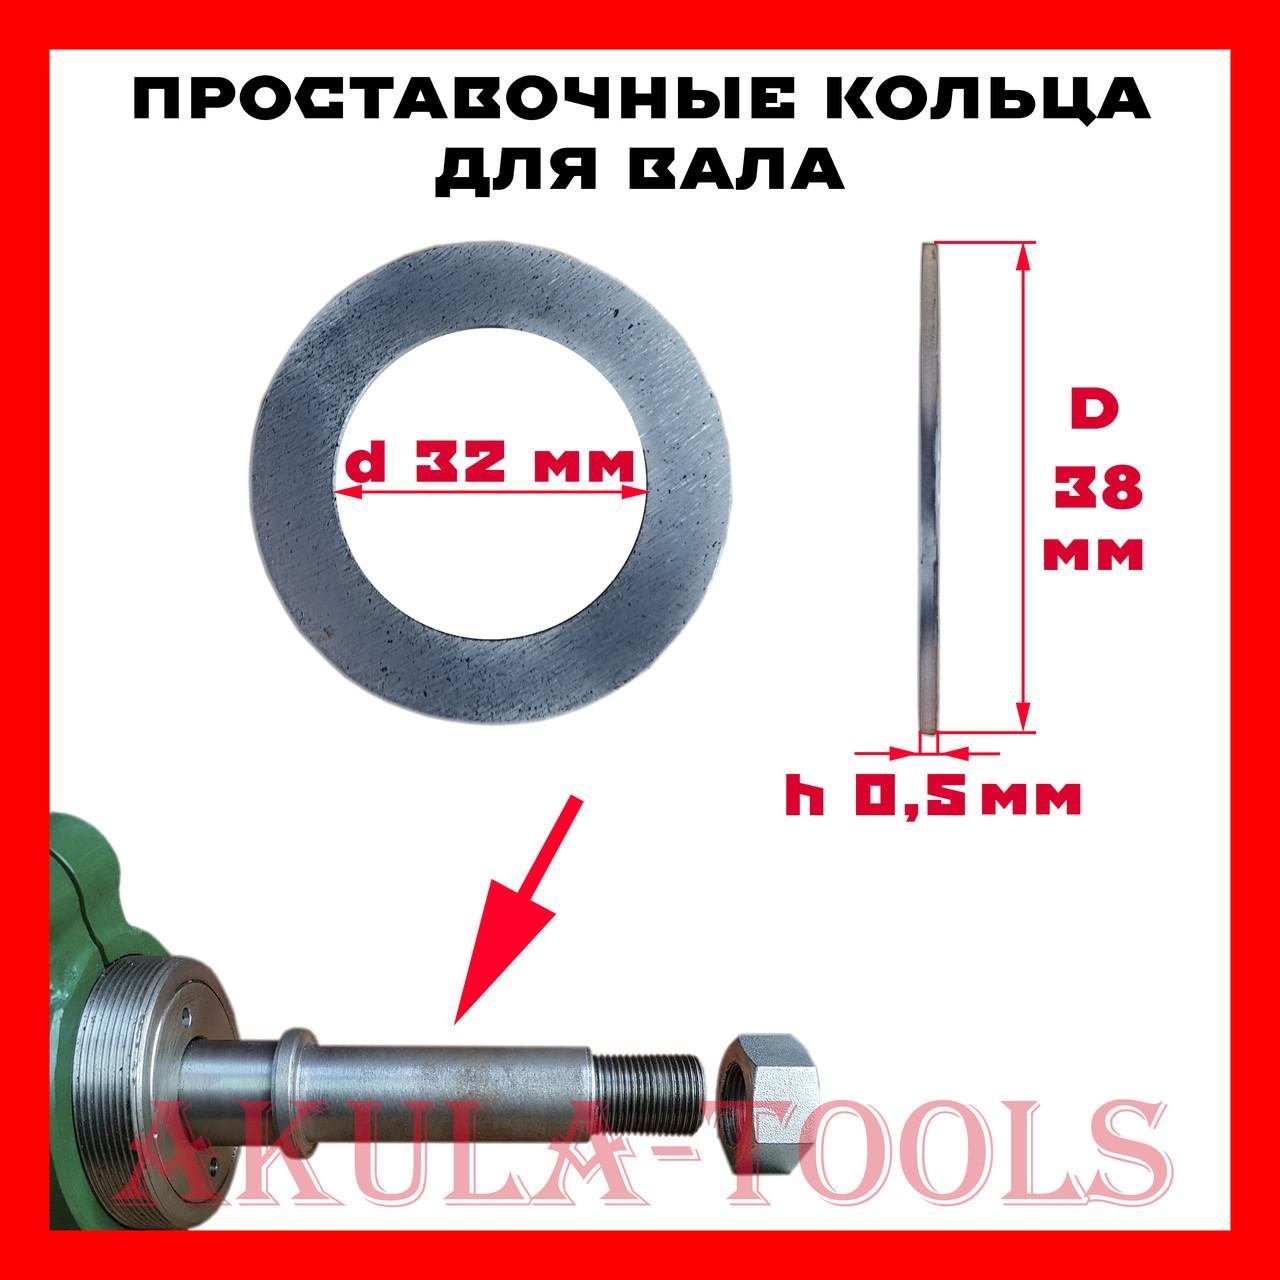 H0,5 мм Регулировочное проставочное кольца для вала №1